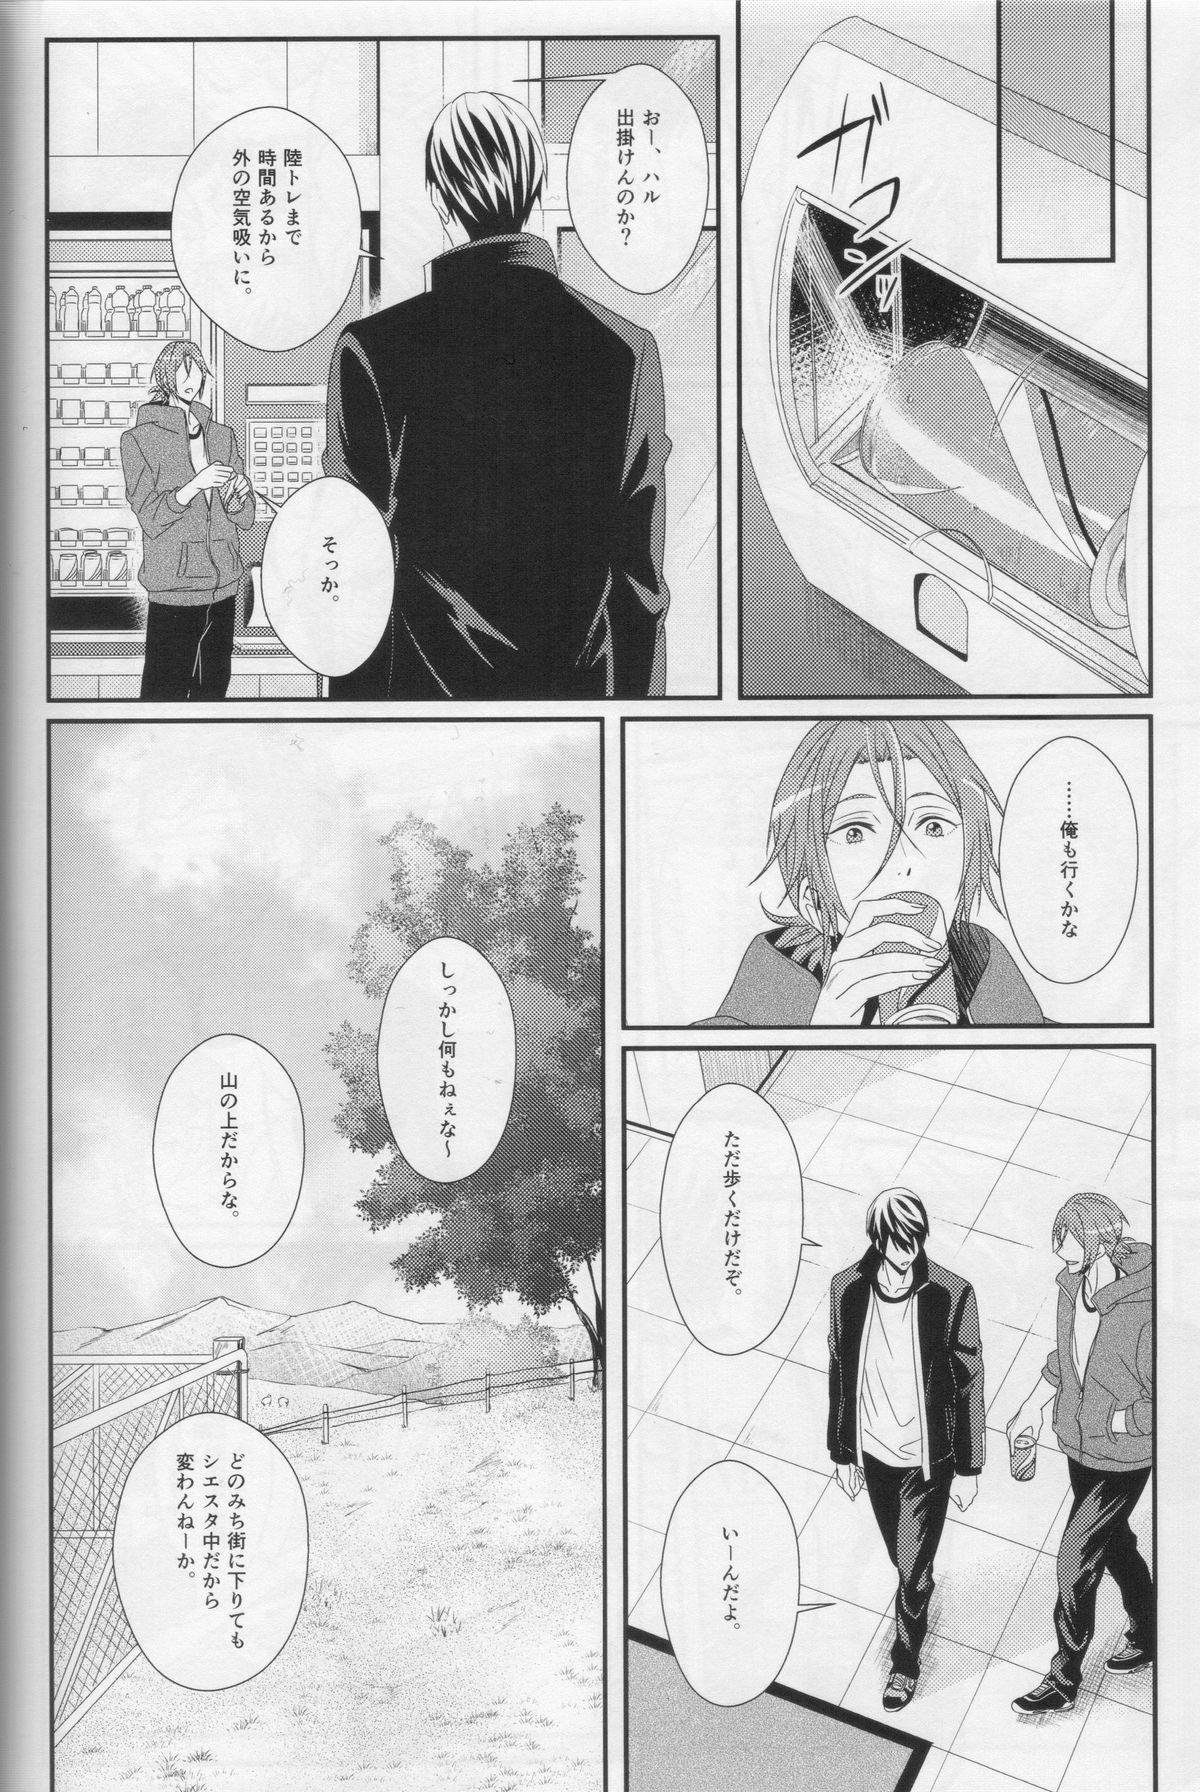 Minasoko no Blue Fish 61